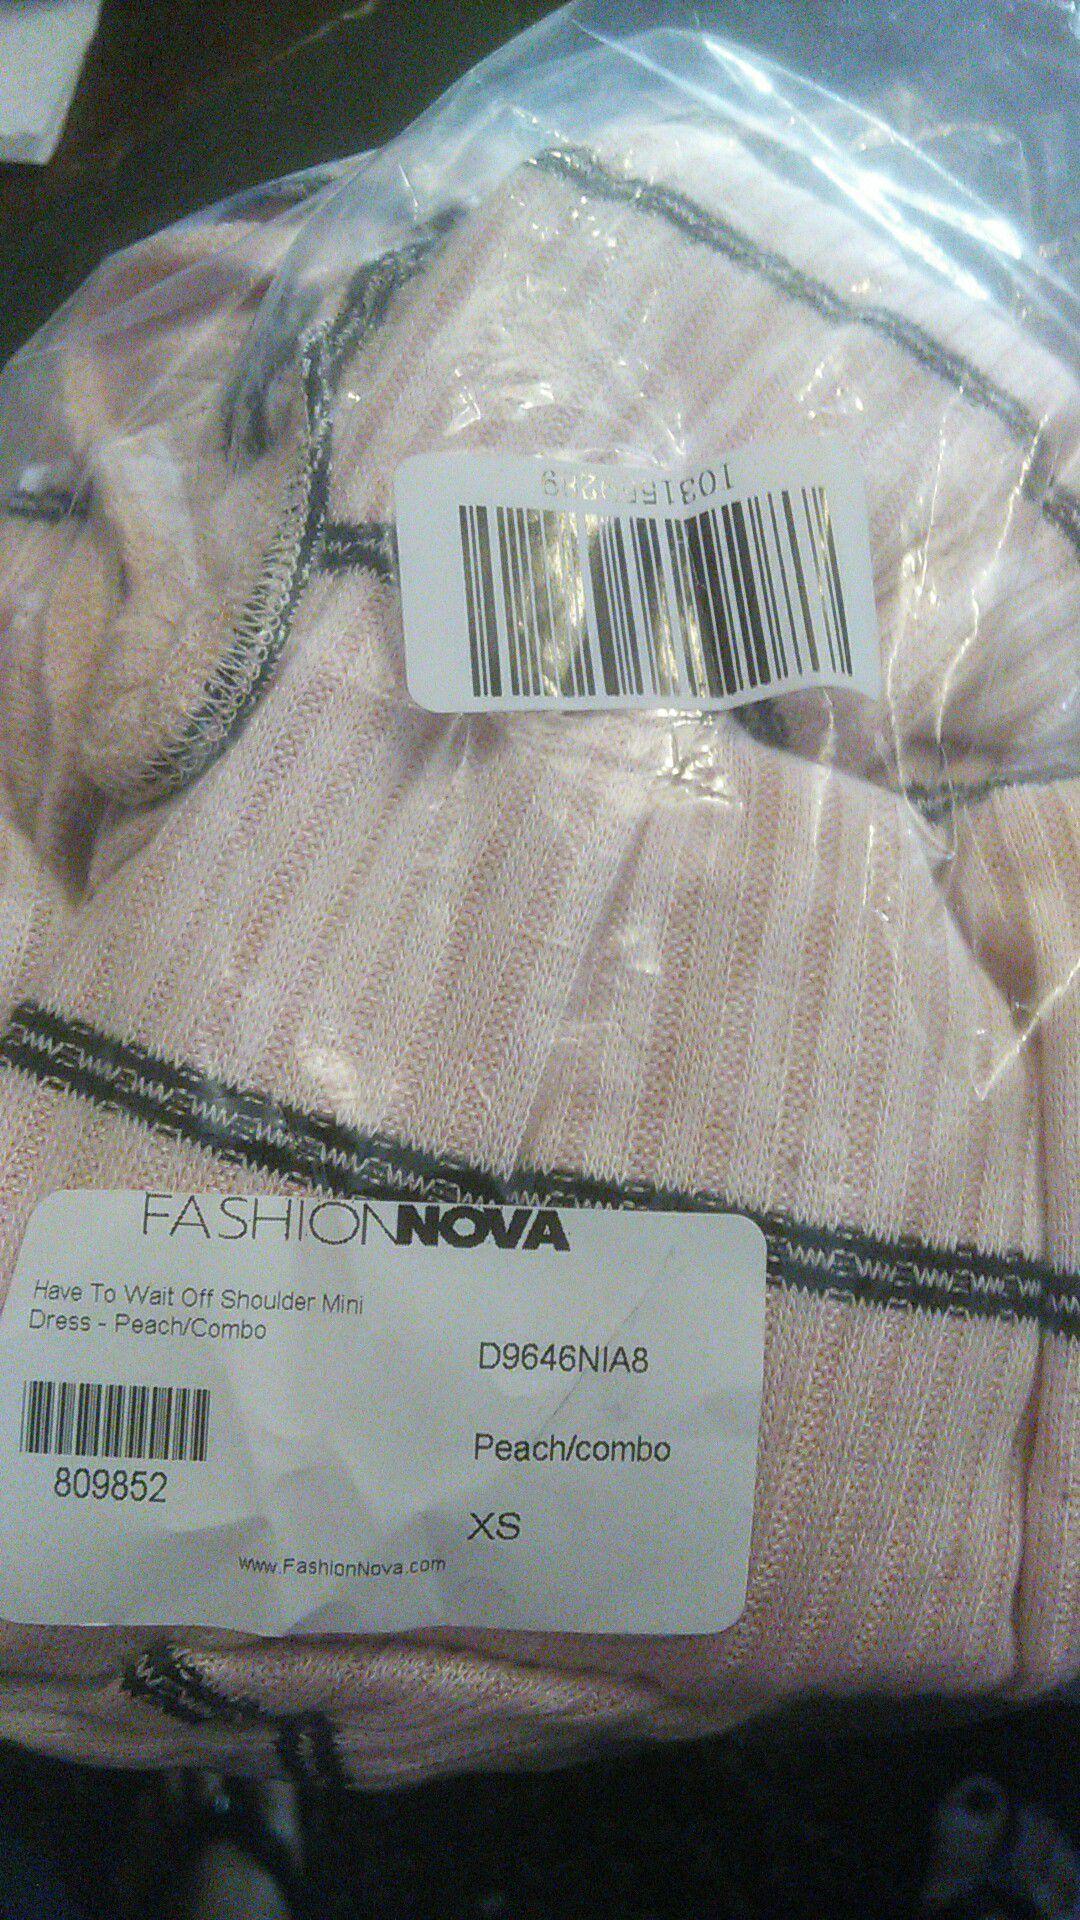 Brand new fashion nova